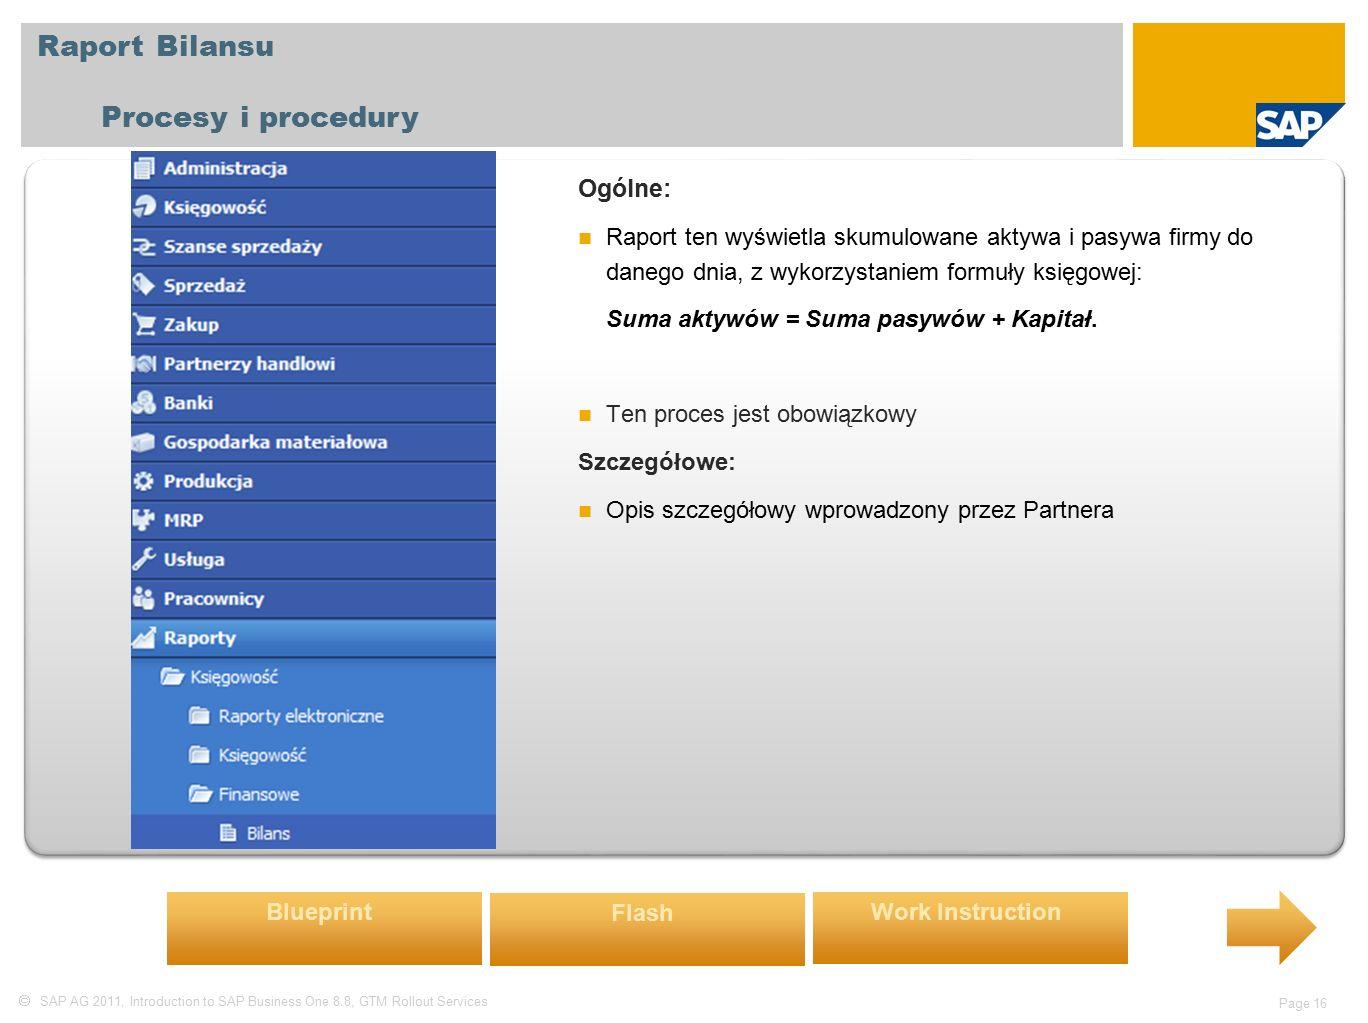  SAP AG 2011, Introduction to SAP Business One 8.8, GTM Rollout Services Page 16 Raport Bilansu Procesy i procedury Ogólne: Raport ten wyświetla skumulowane aktywa i pasywa firmy do danego dnia, z wykorzystaniem formuły księgowej: Suma aktywów = Suma pasywów + Kapitał.